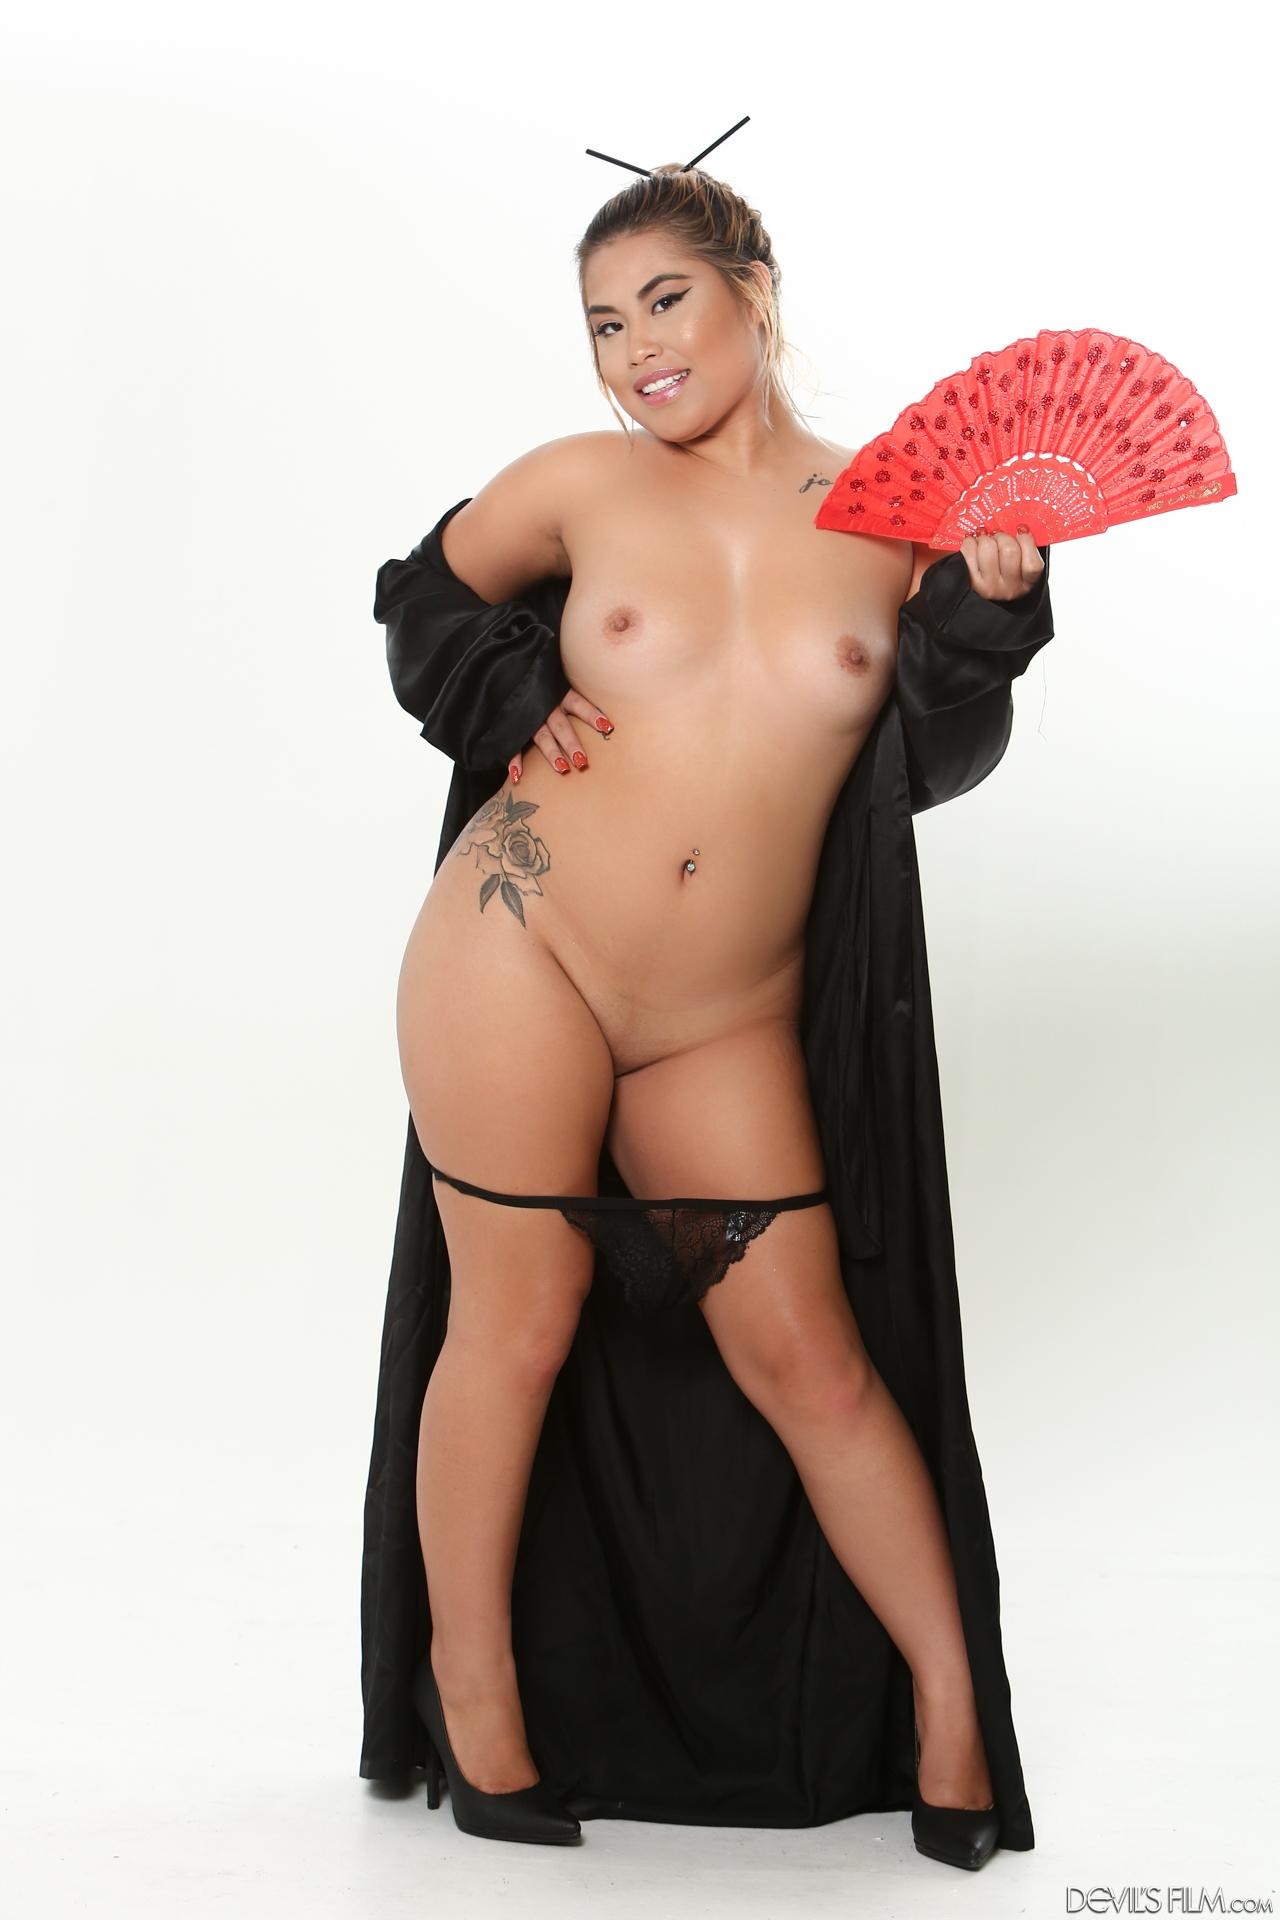 kehlani boobs